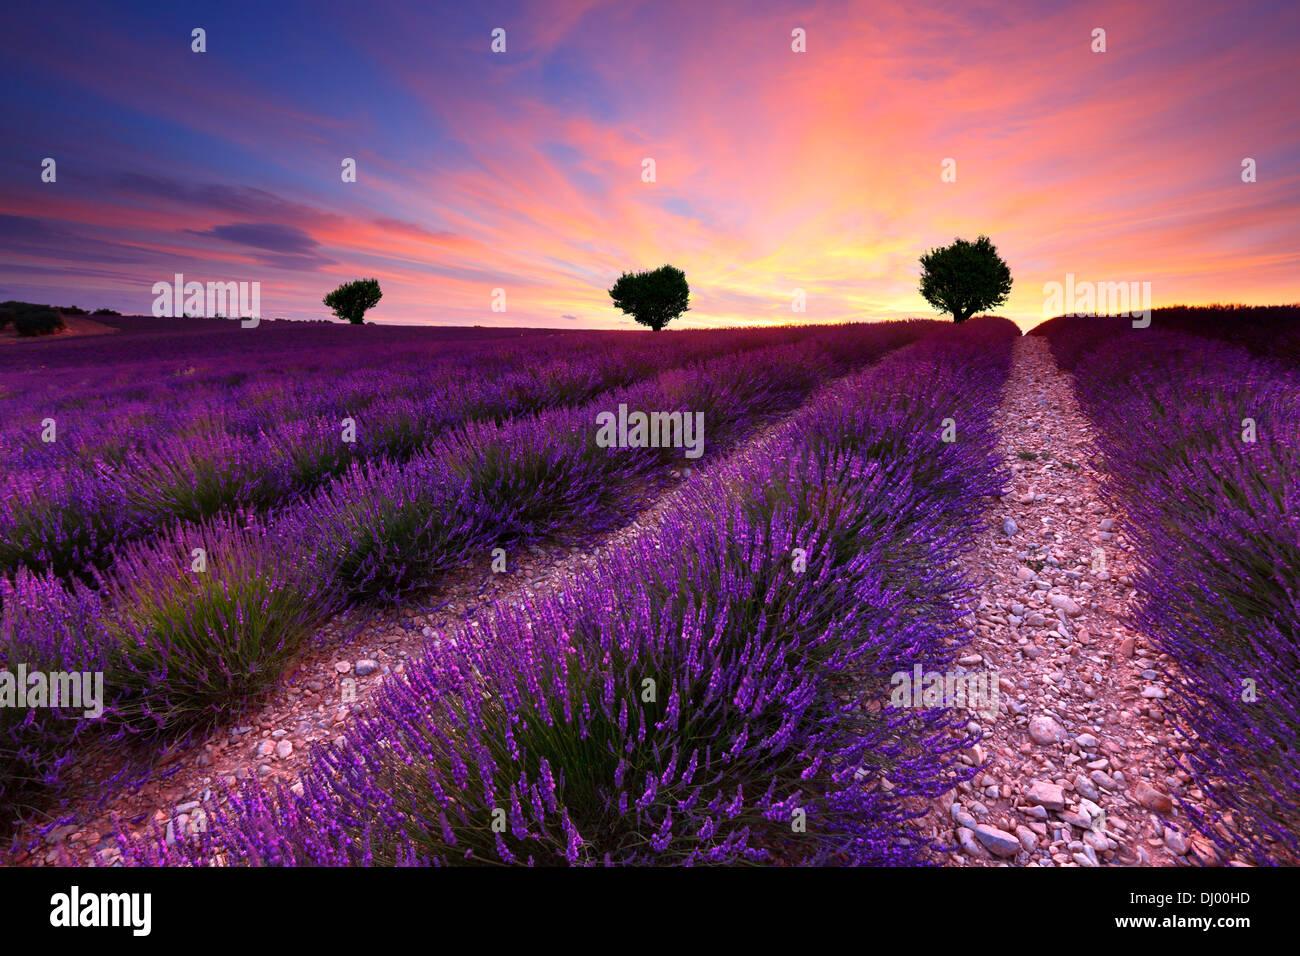 Trois sur la colline en champ de lavande au coucher du soleil. France Provence. Photo Stock